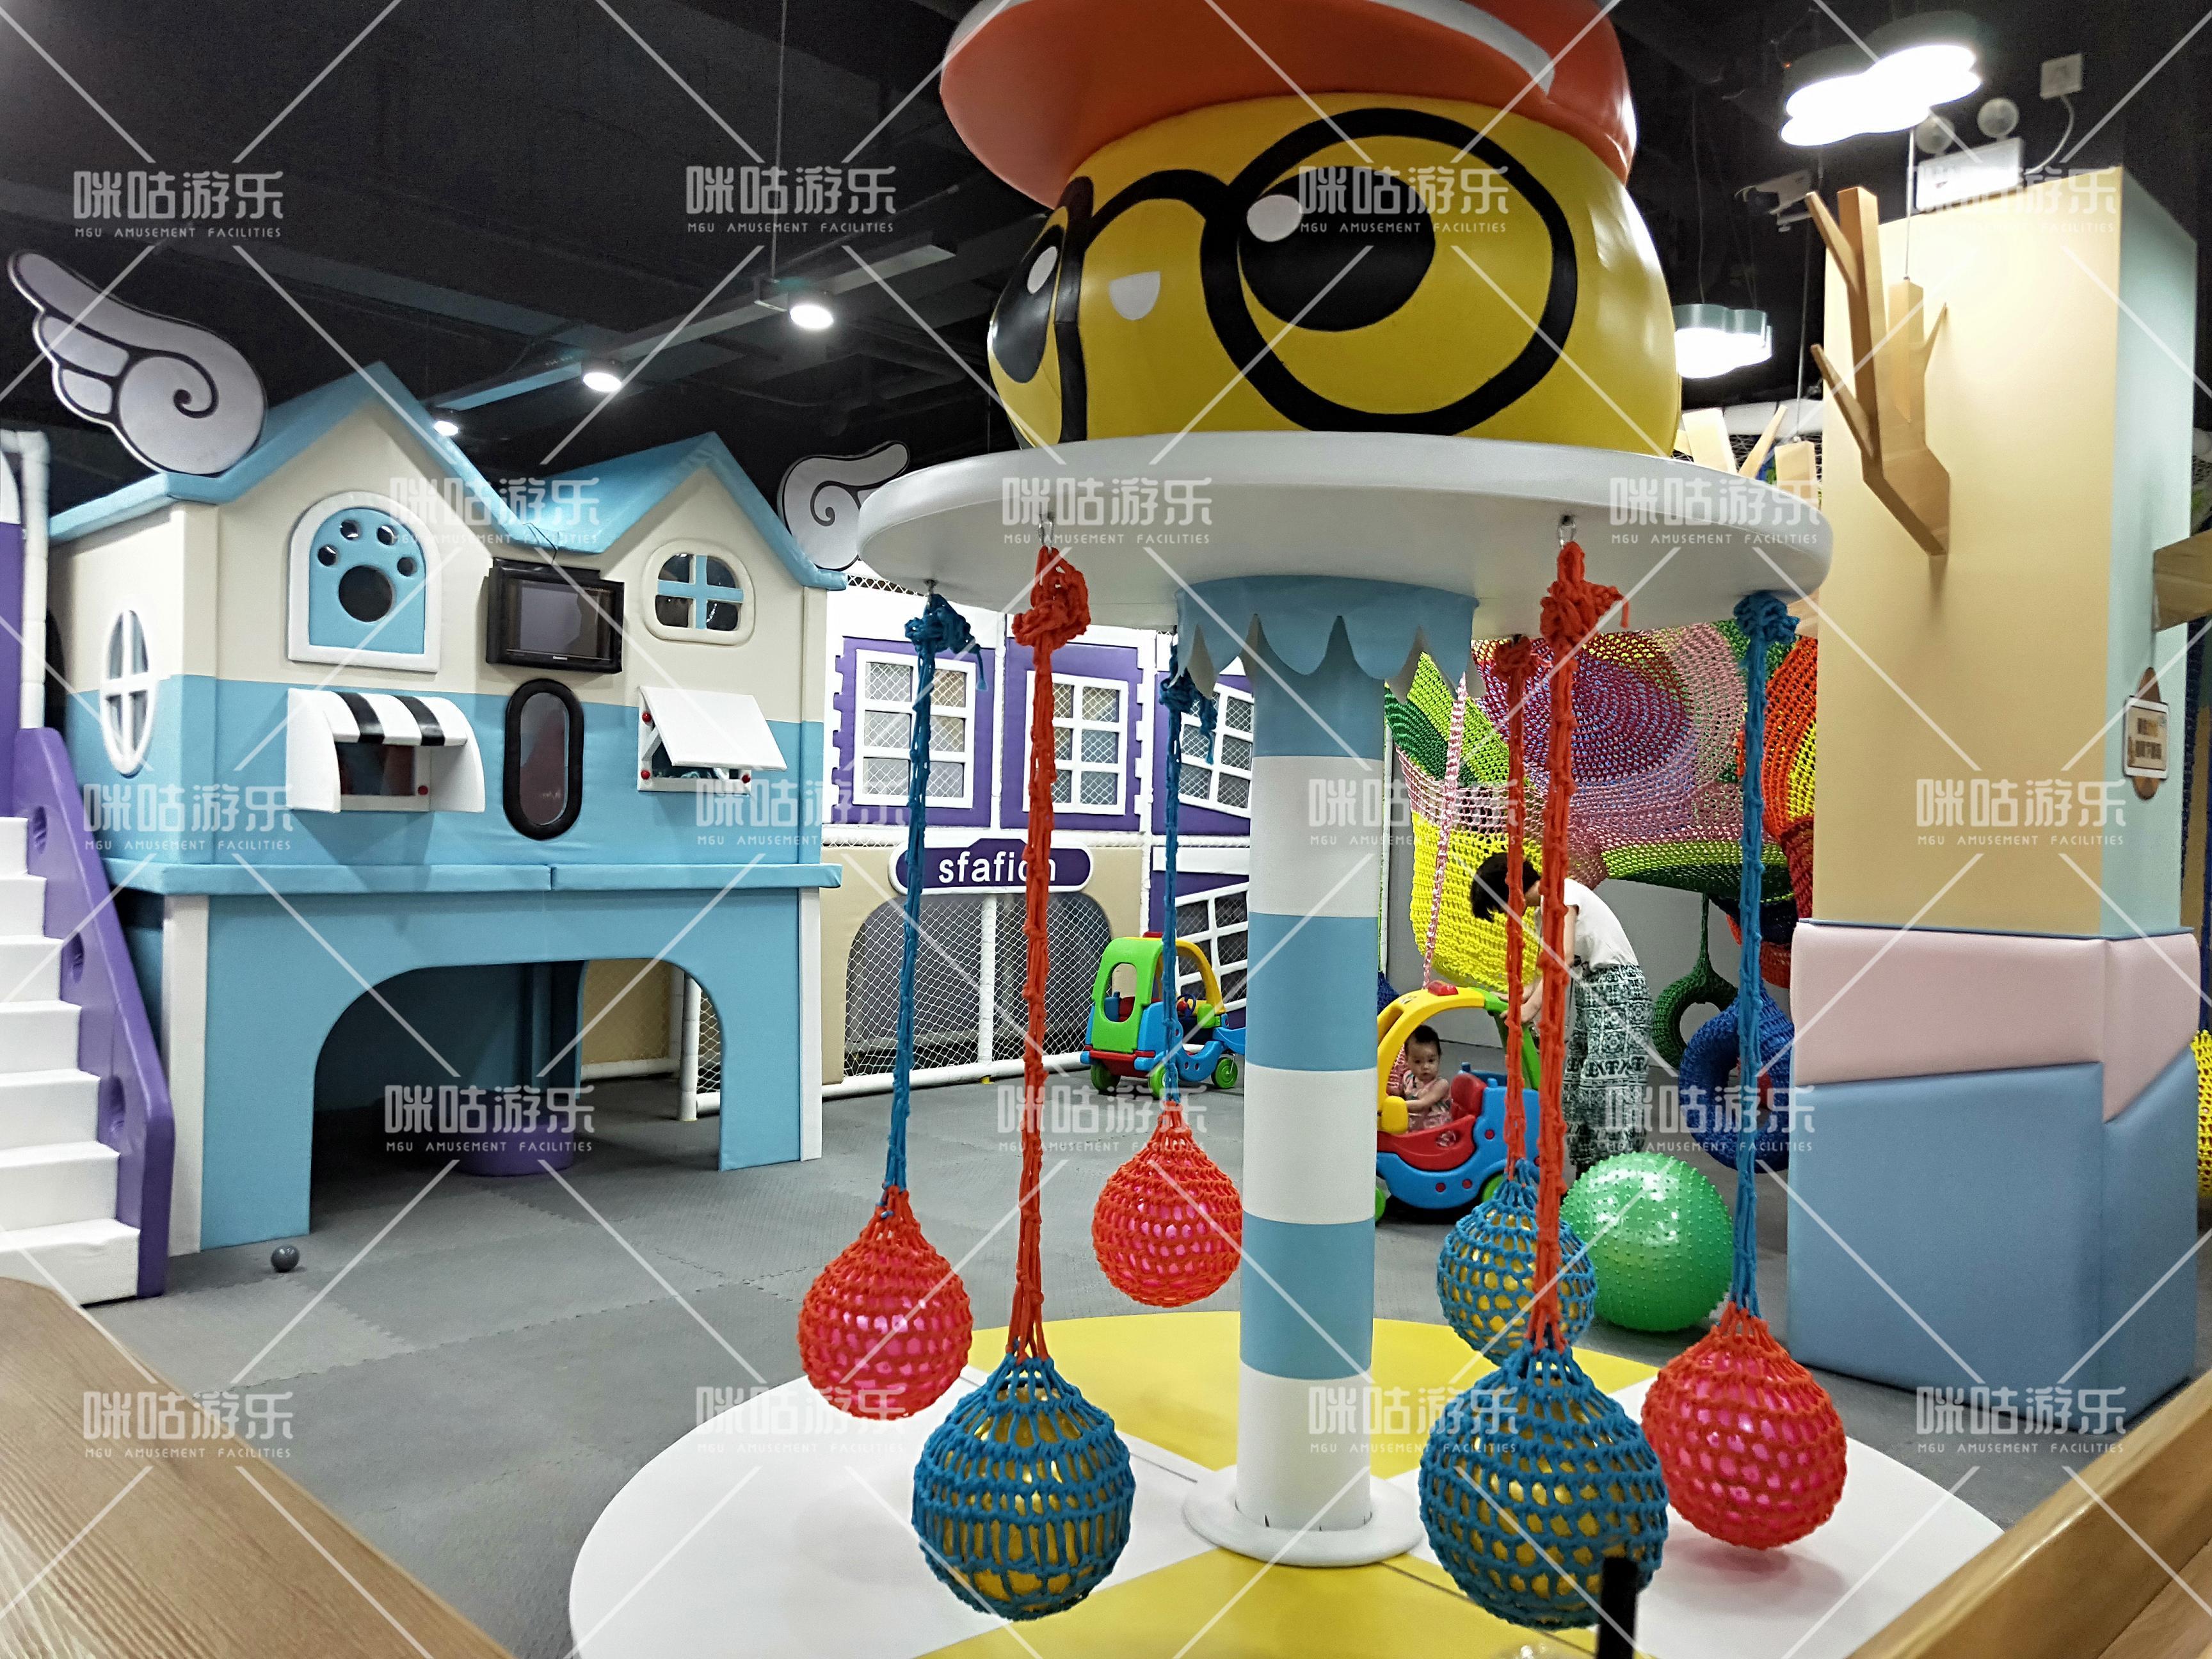 微信图片_20200429155859.jpg 晋城开儿童乐园要多少钱? 加盟资讯 游乐设备第2张